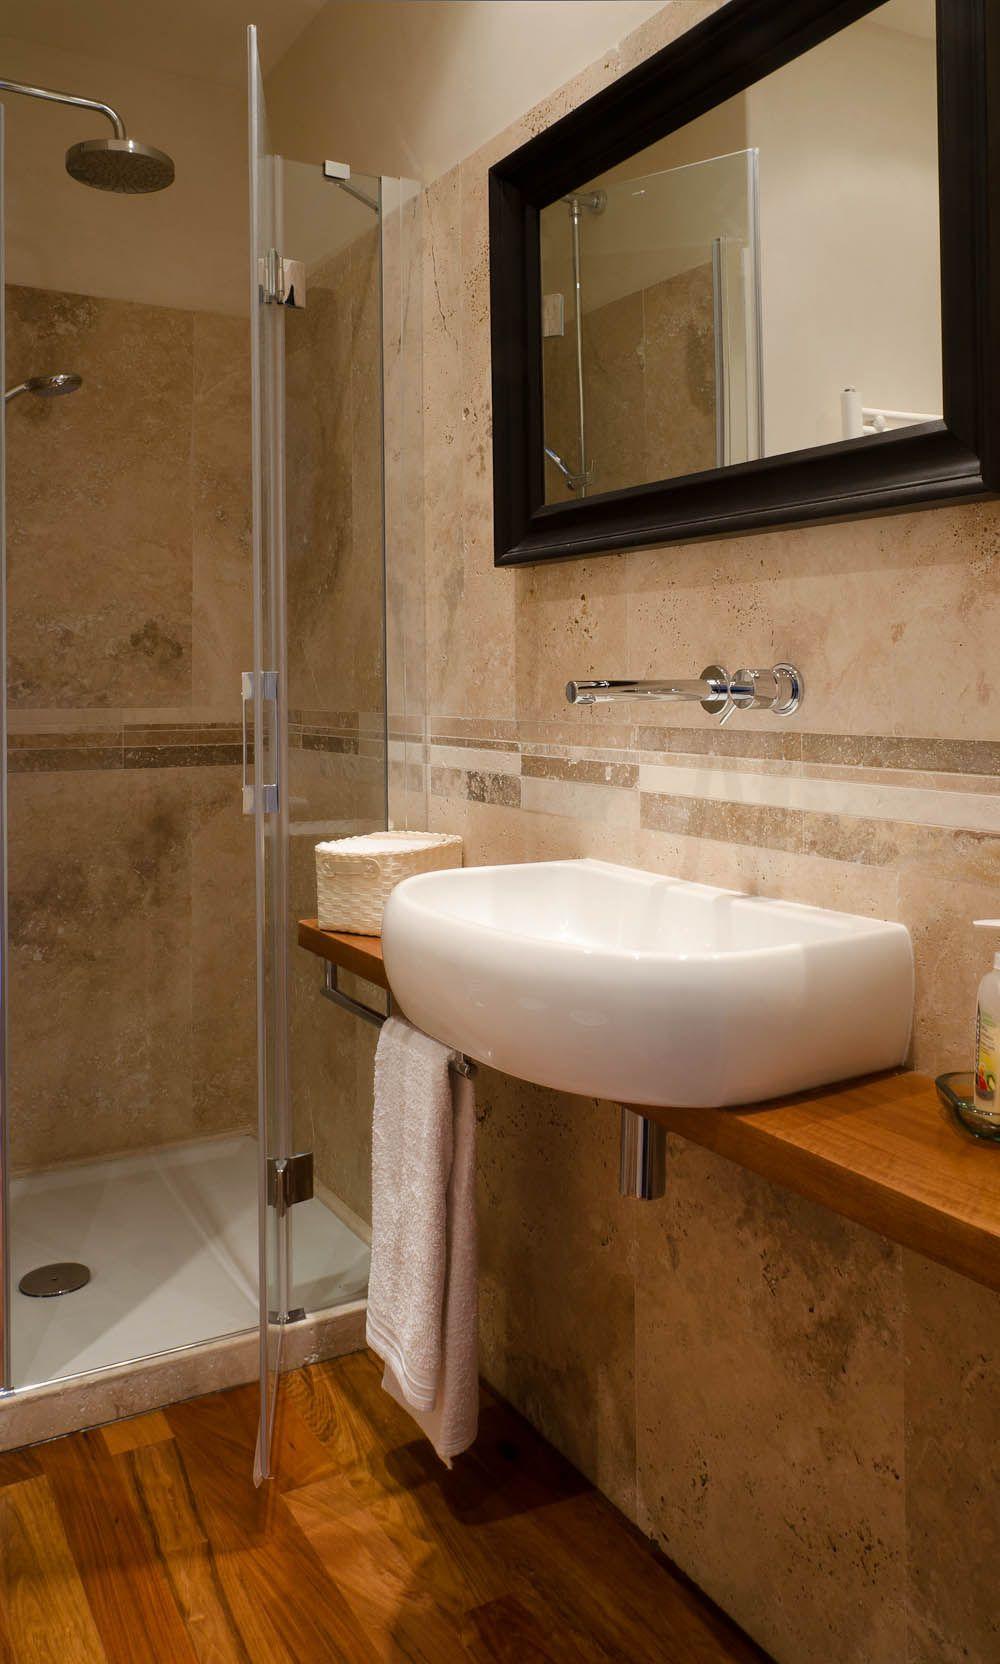 Bagno con rivestimento in travertino e pavimento in legno  Bagni in Pietra  Pinterest